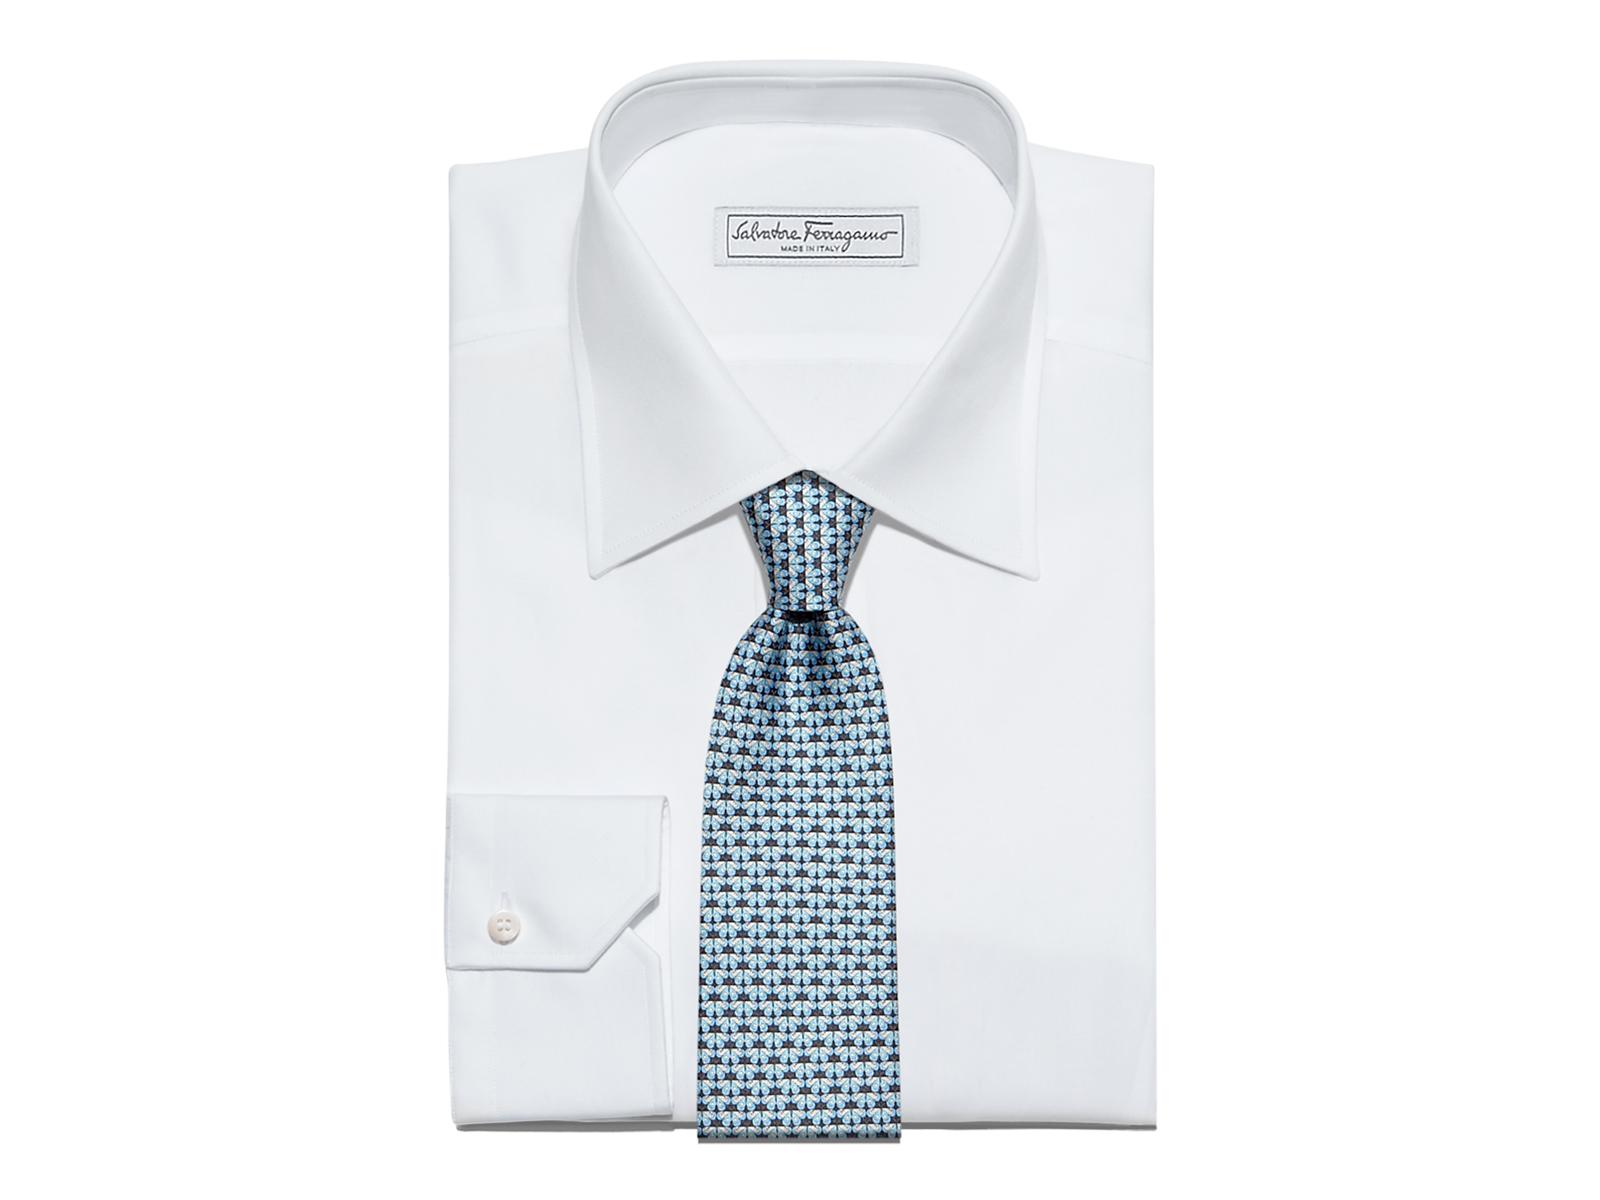 e6a07c9c9de1 Lyst - Ferragamo Geometric Butterfly Printed Tie in Gray for Men